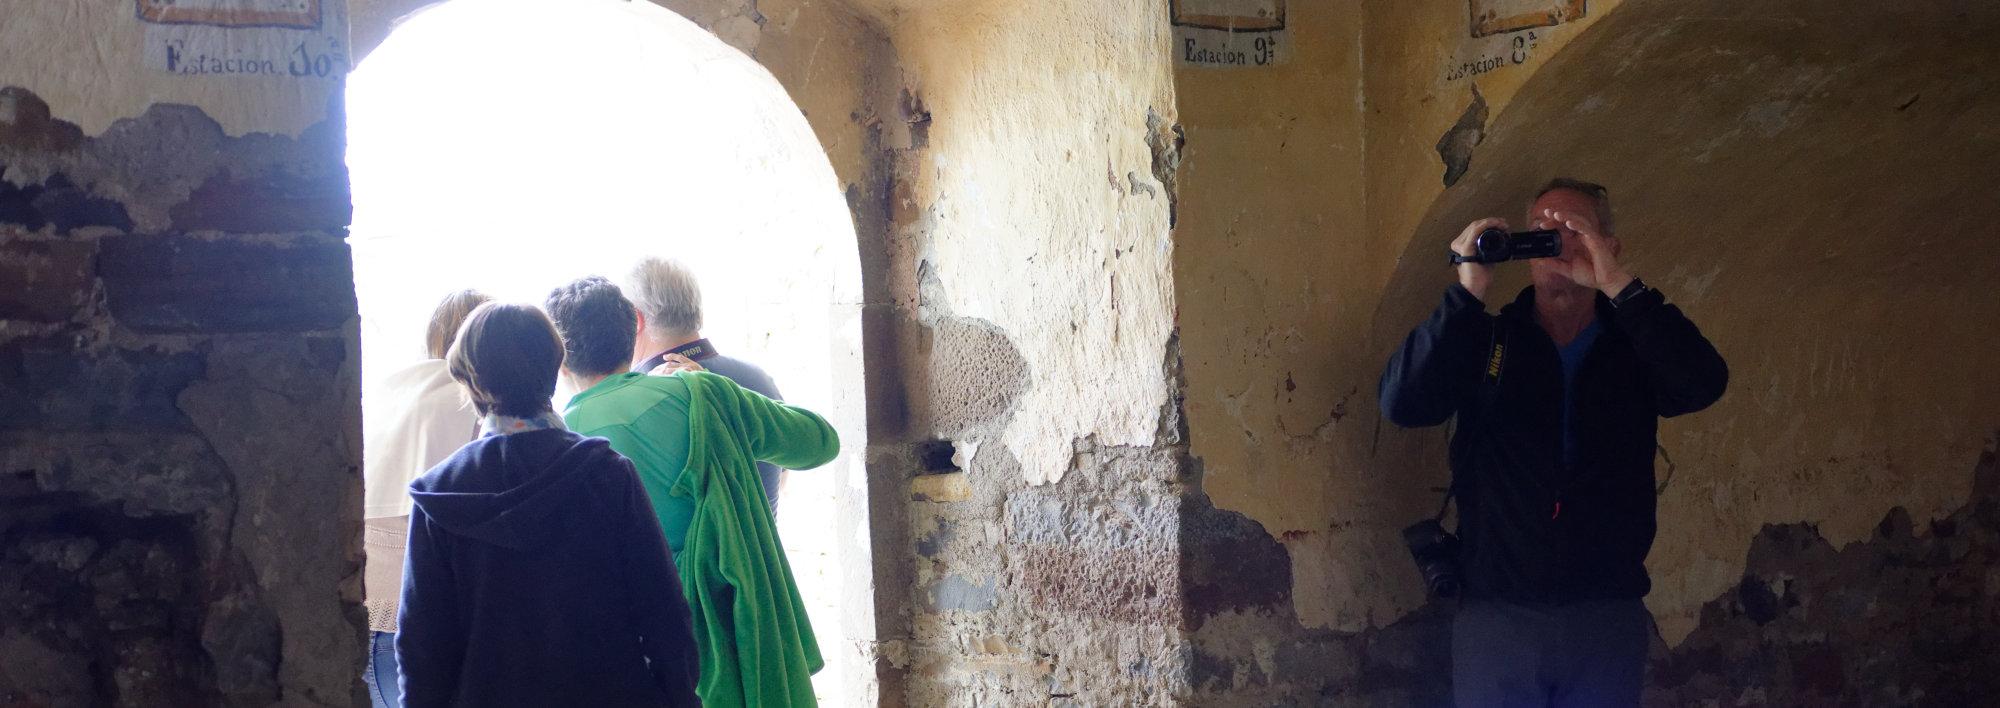 180520-1-Coscojuela de Sobrarbe (17) (Sobrarbe-Aragon)